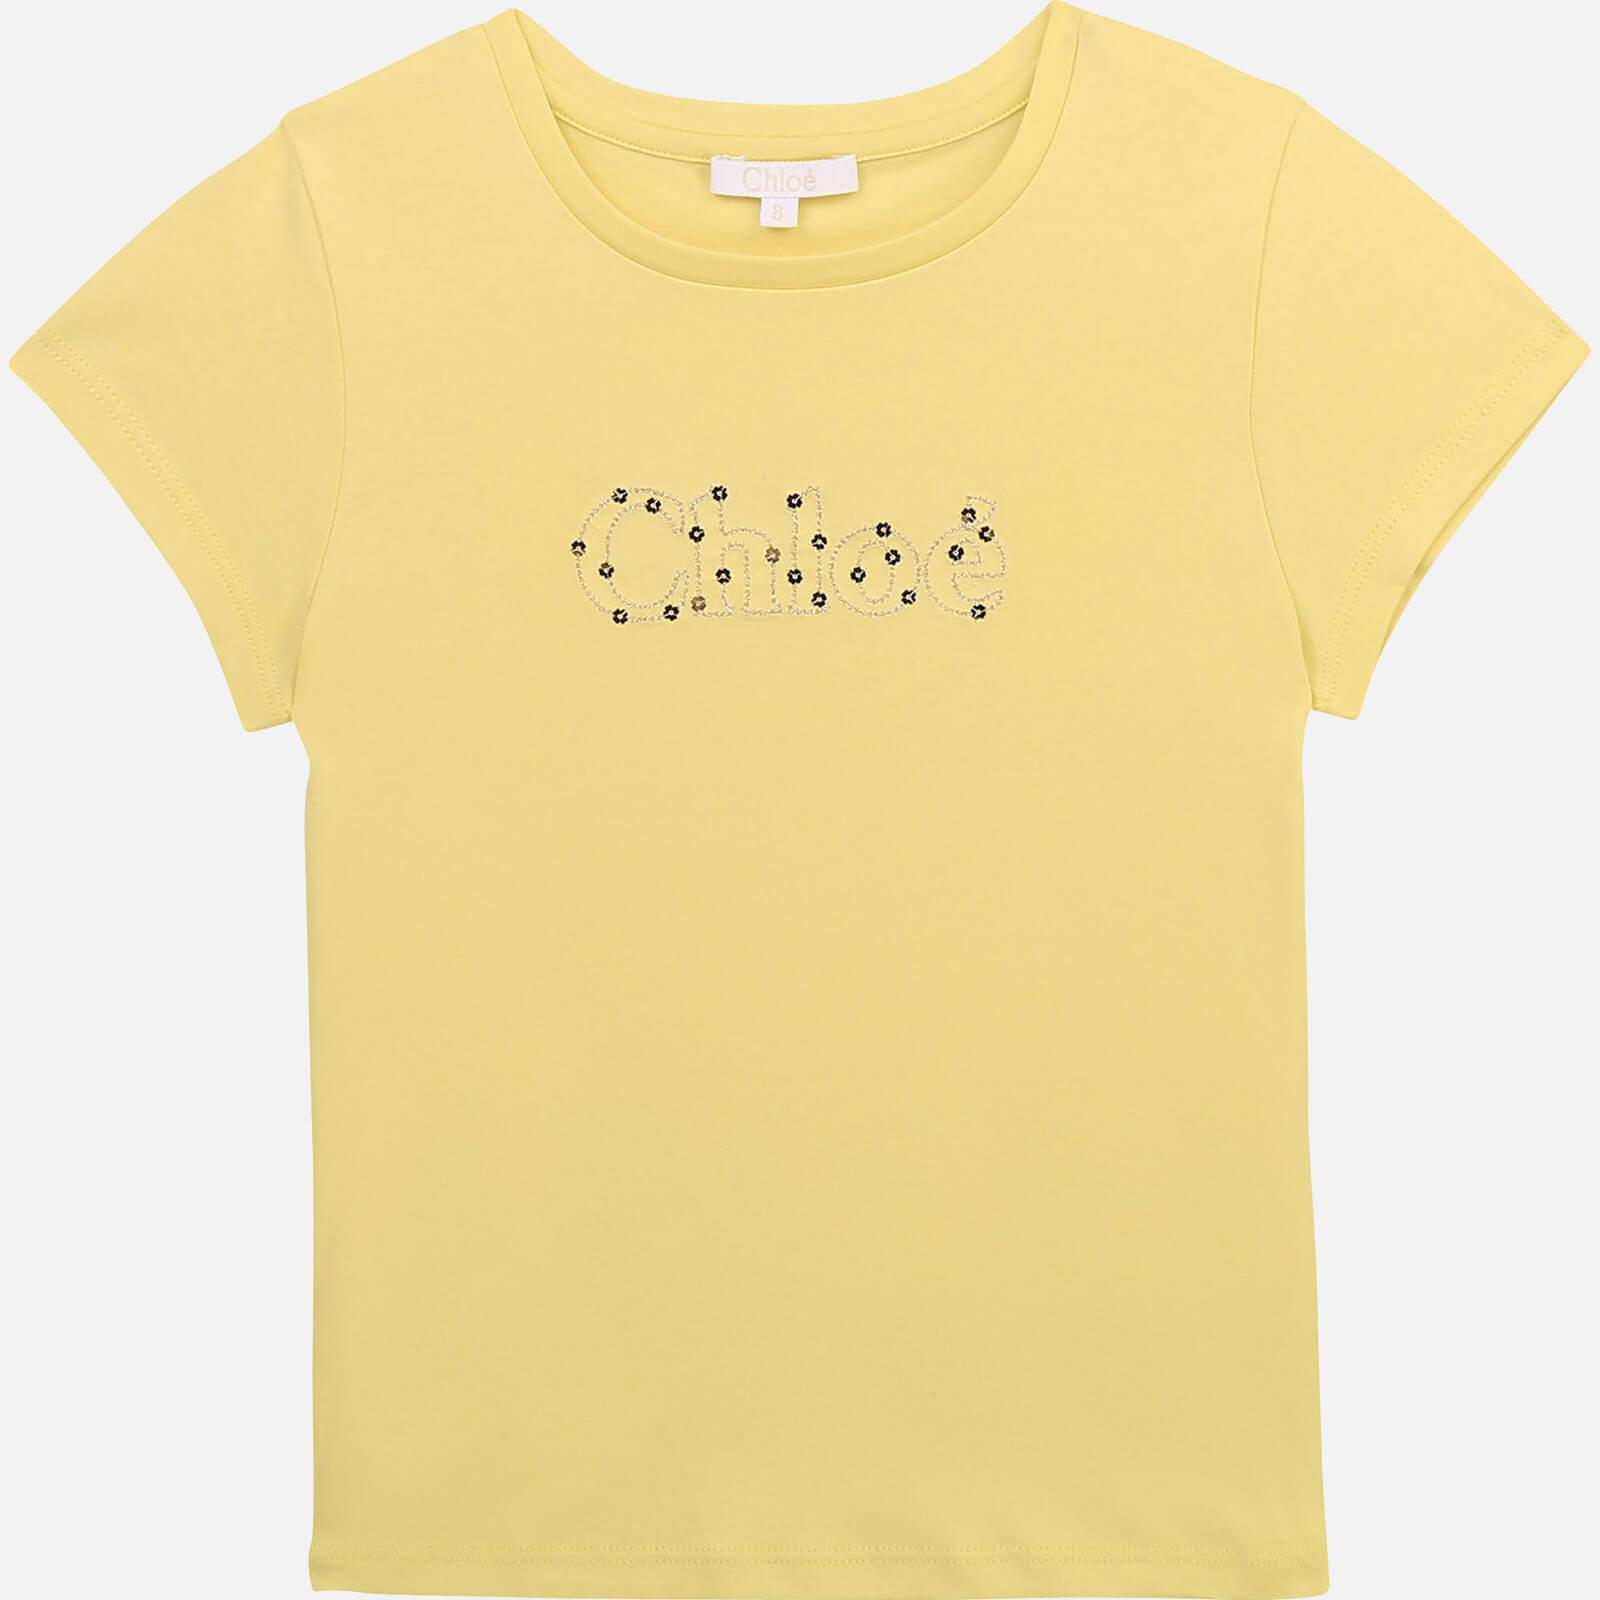 Chloé Girls' T-Shirt - Lime - 4 Years